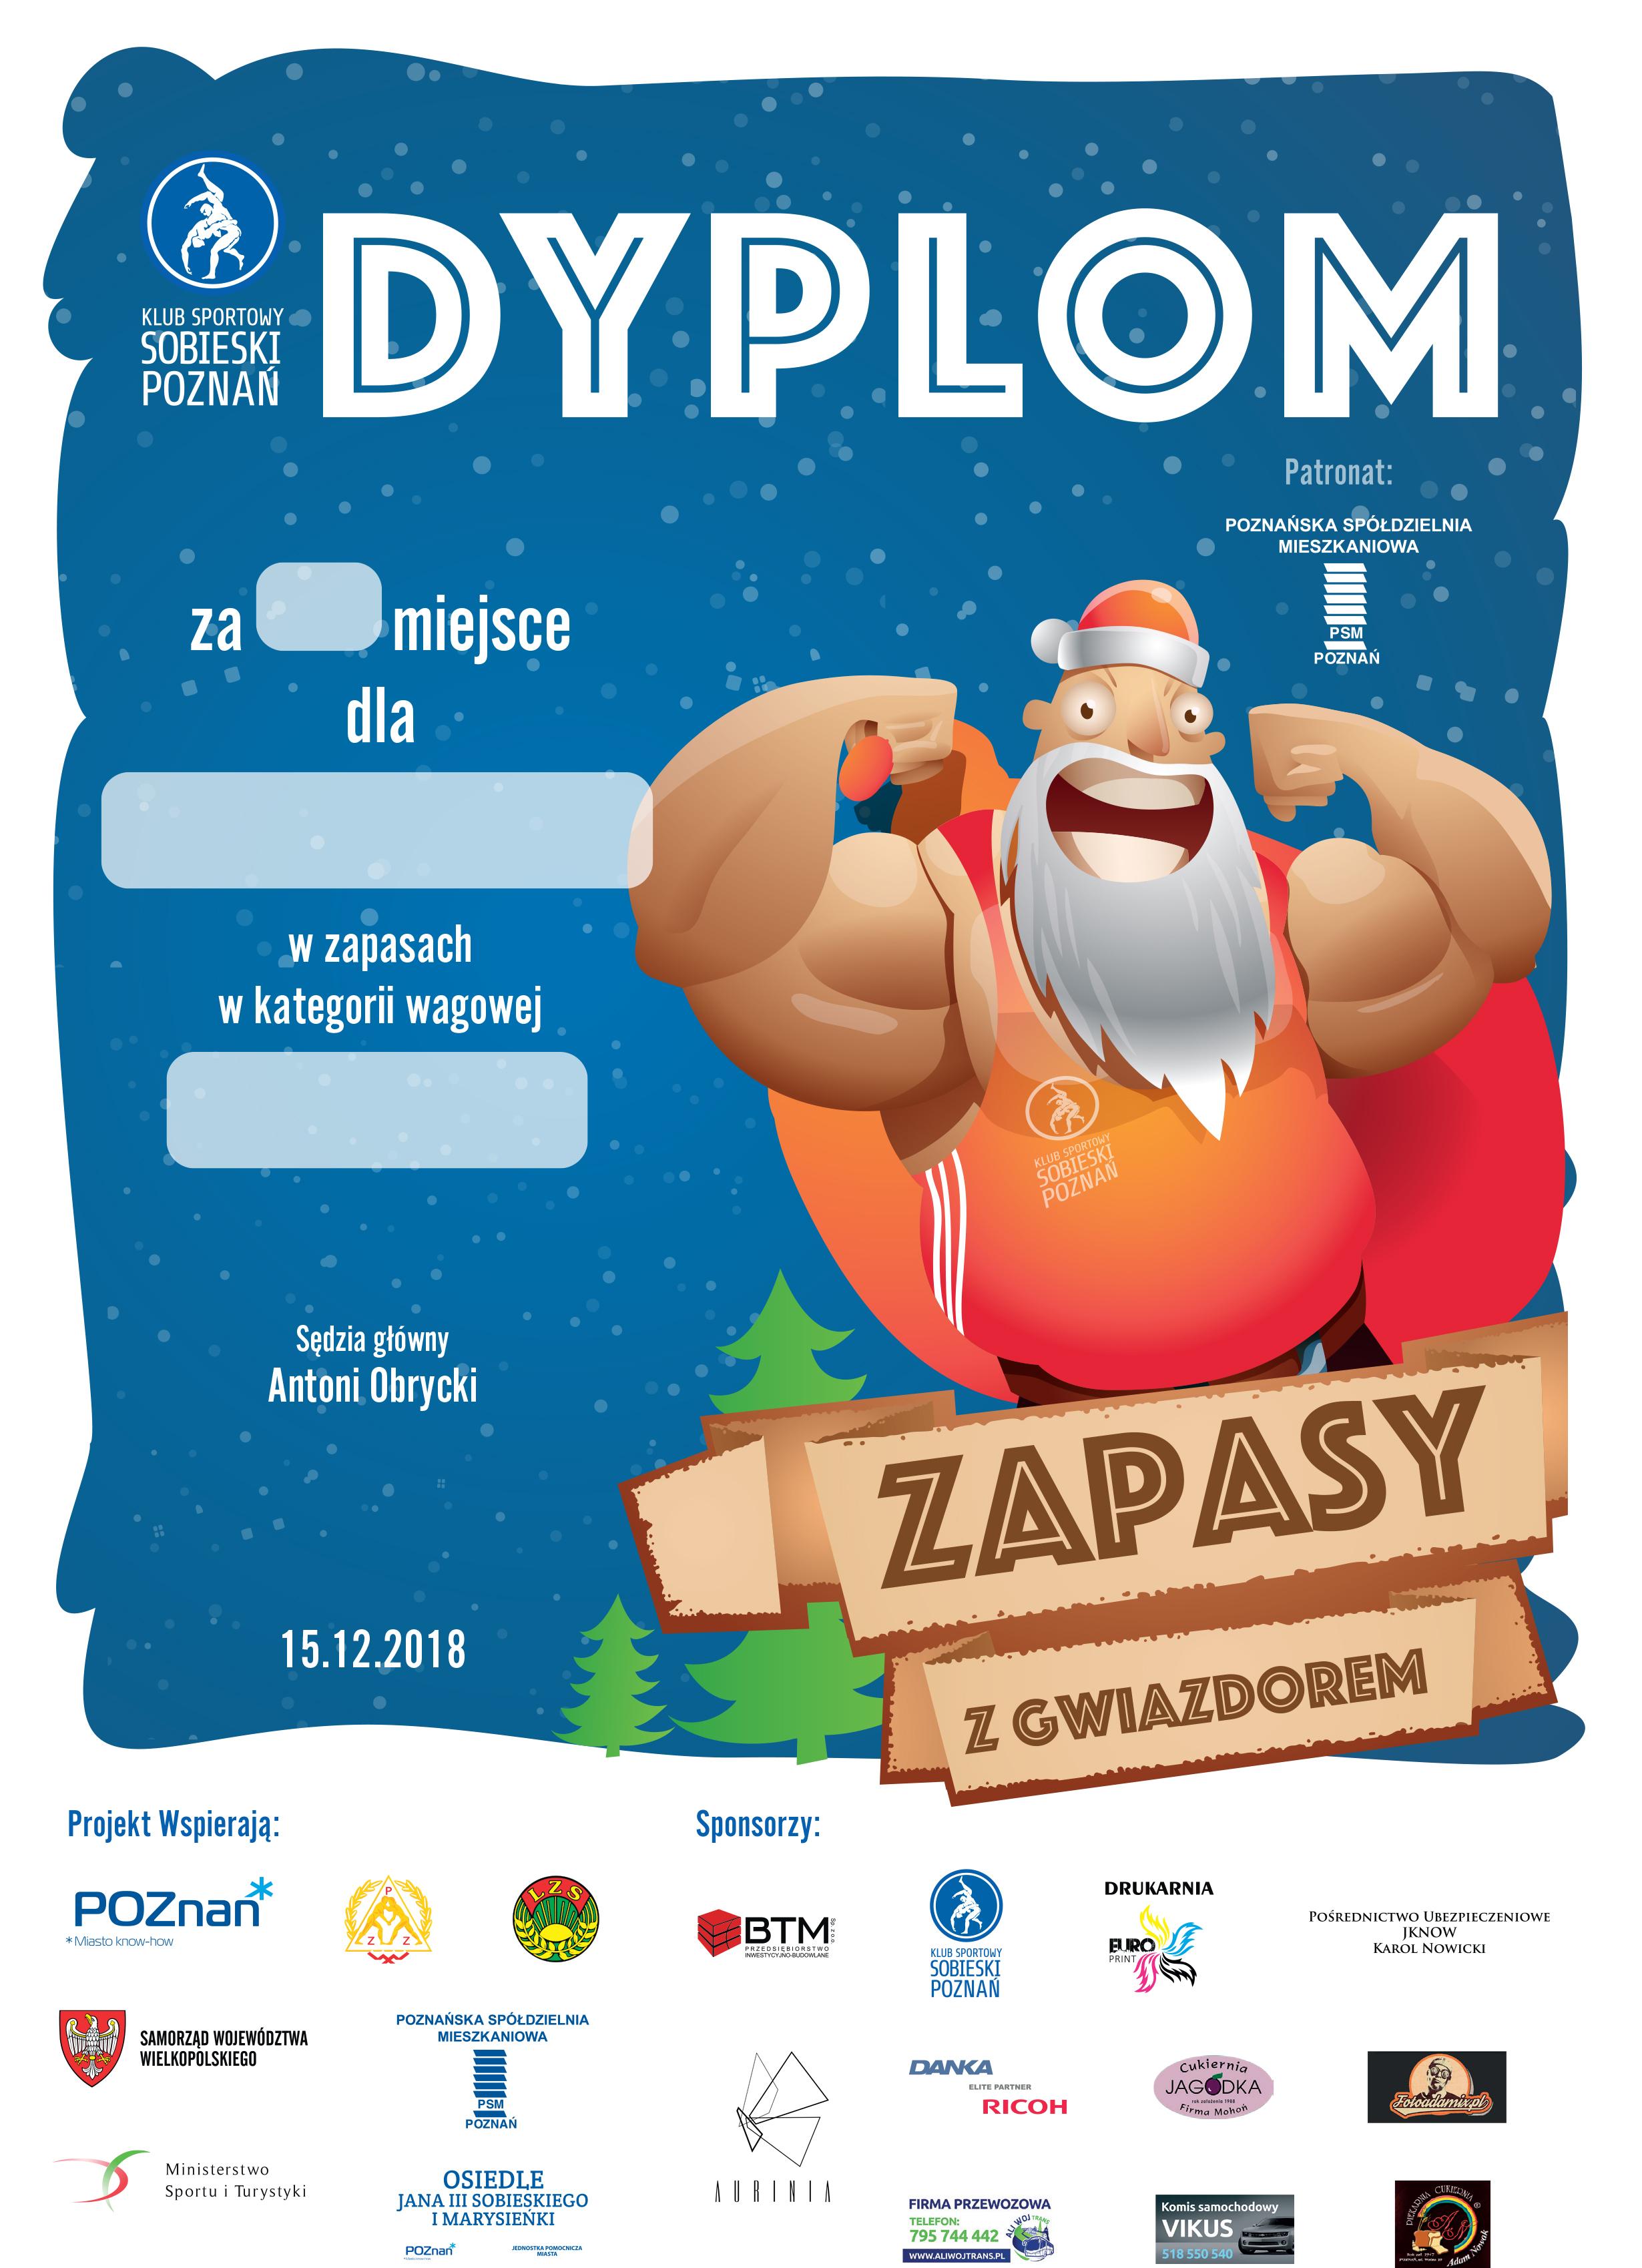 Zapasy-z-gwiazdorem_v19-11-18_druk